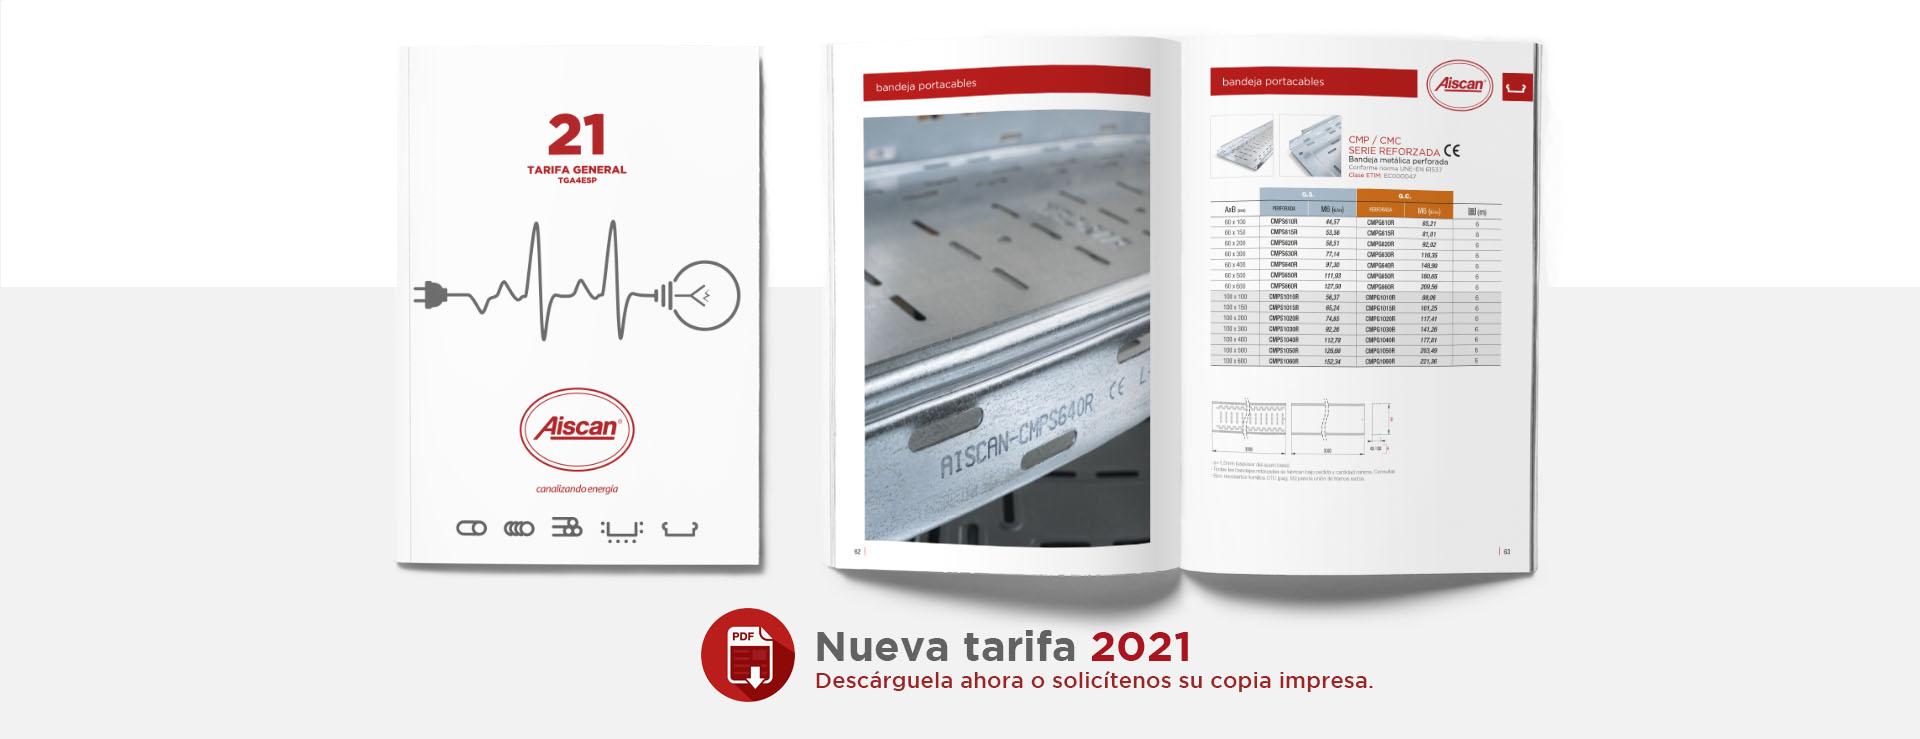 fondo_web_tarifa_21 - BANNER